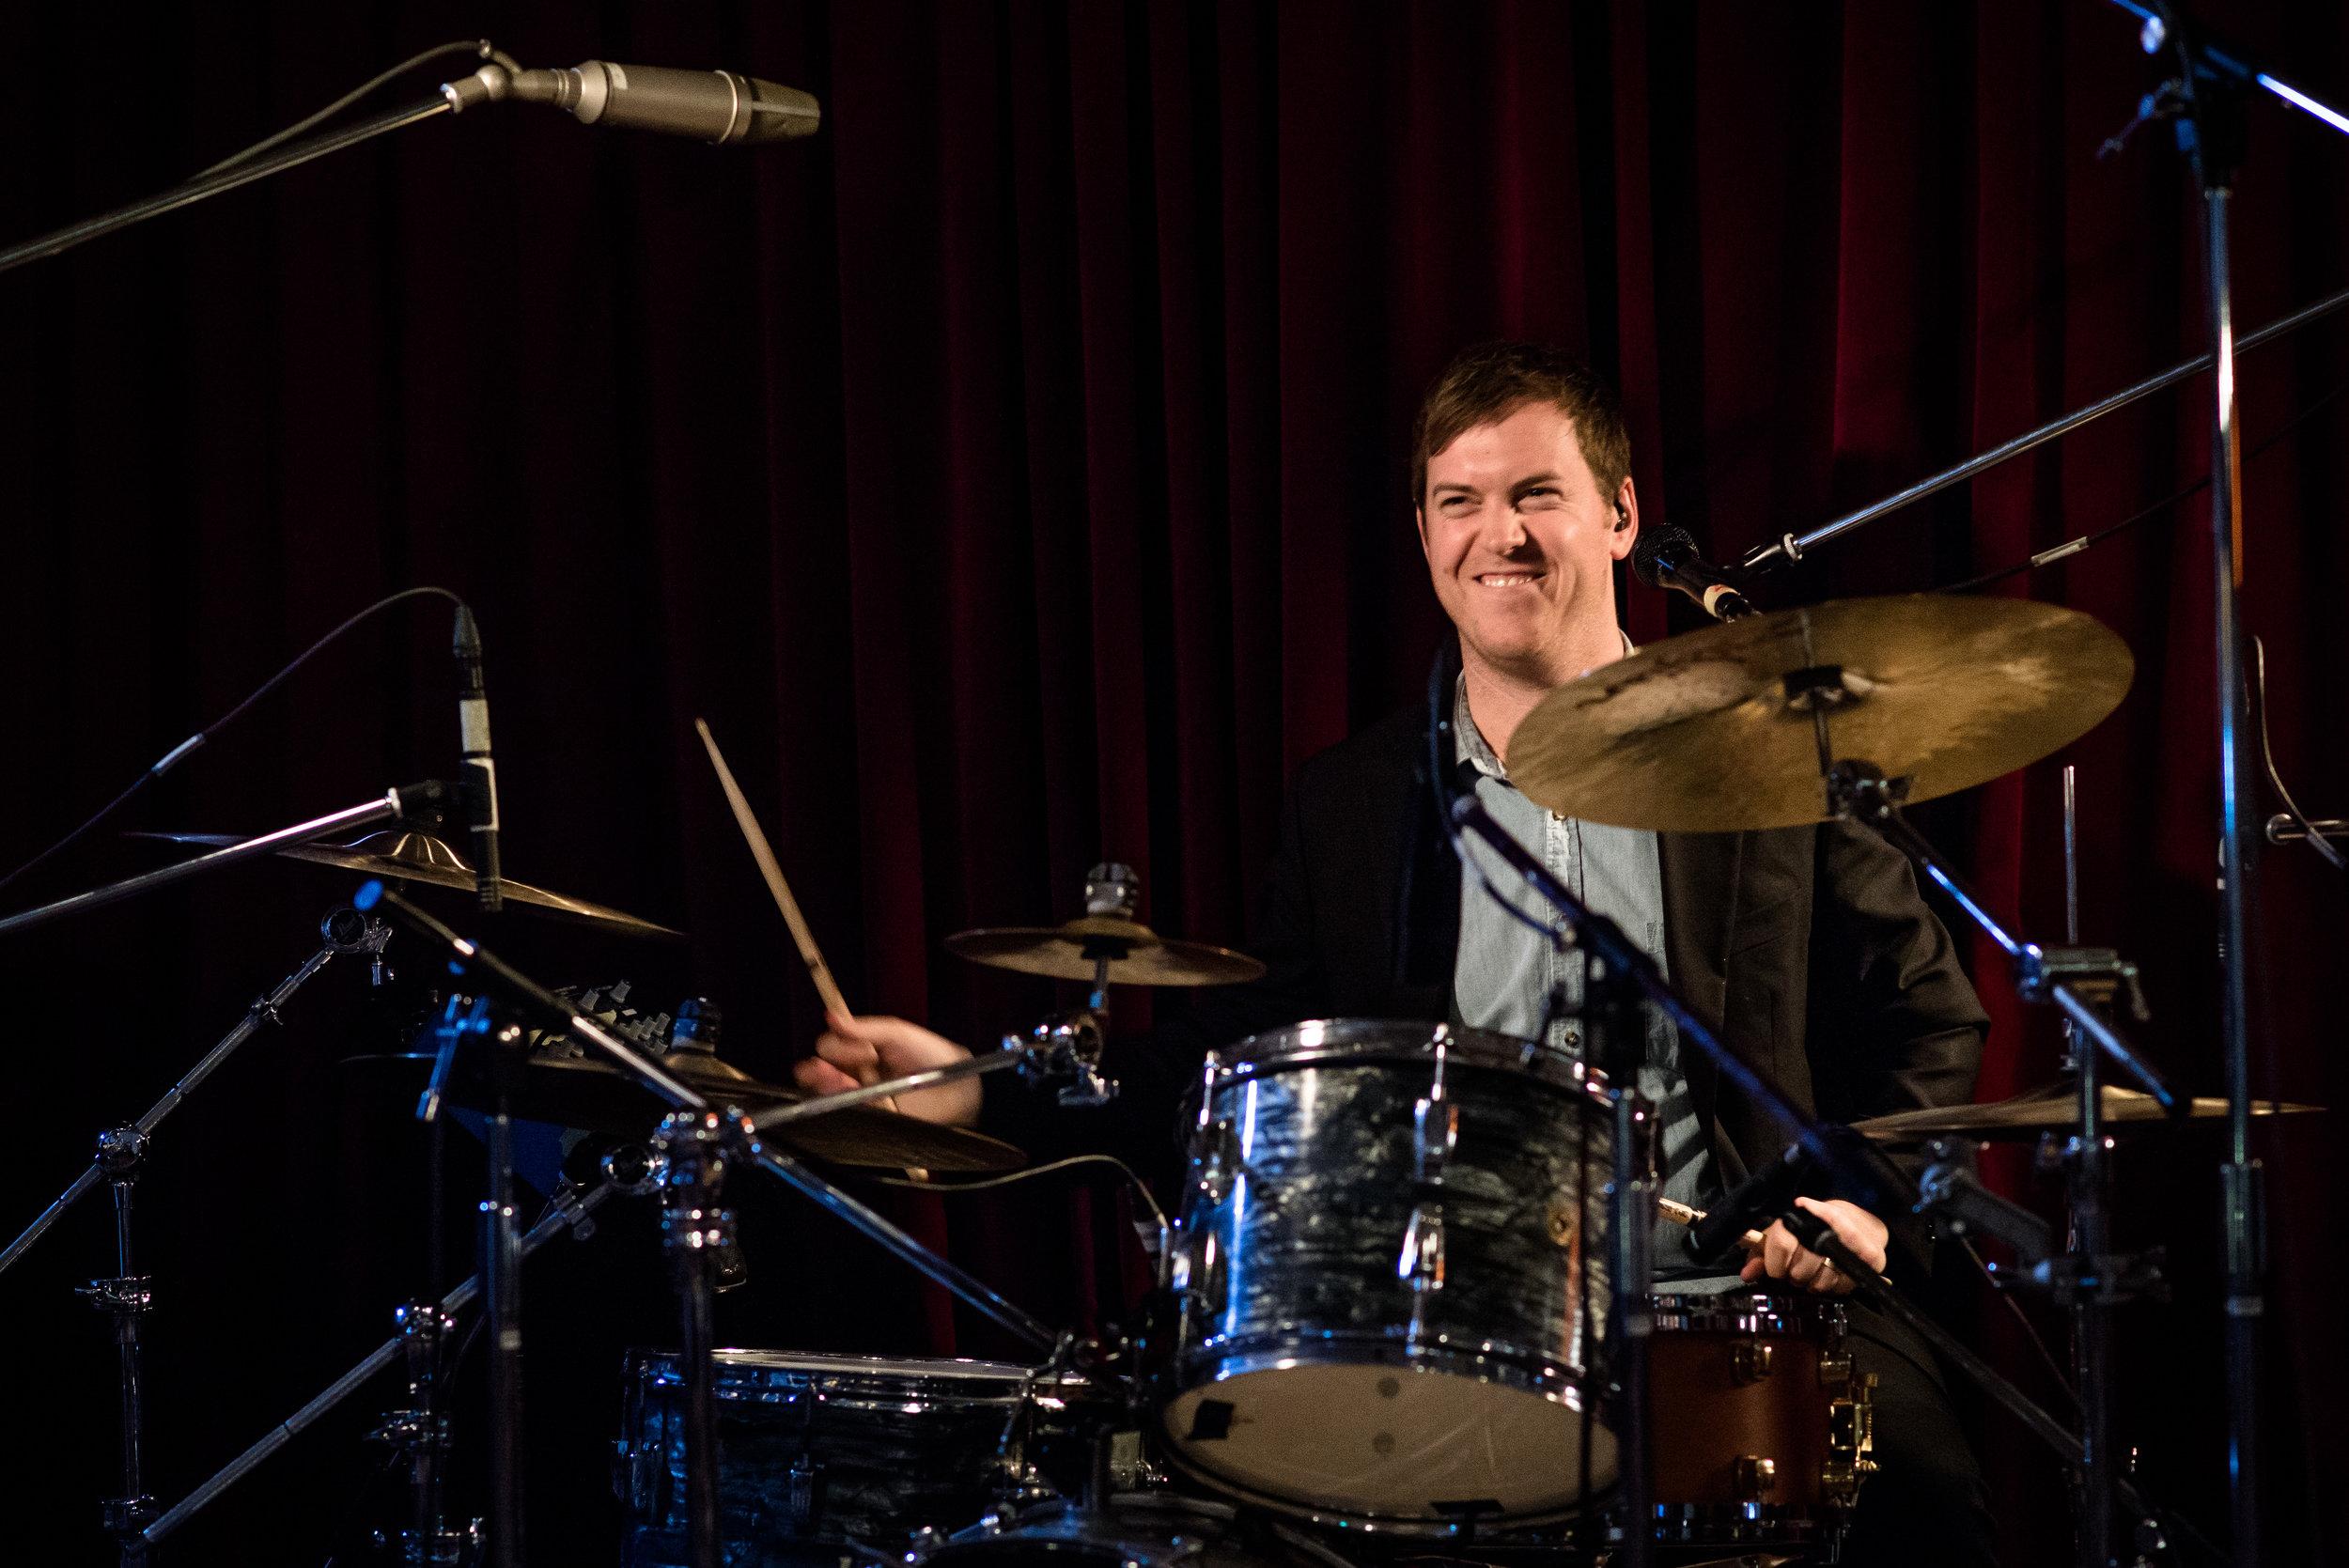 jumpsuit drummer